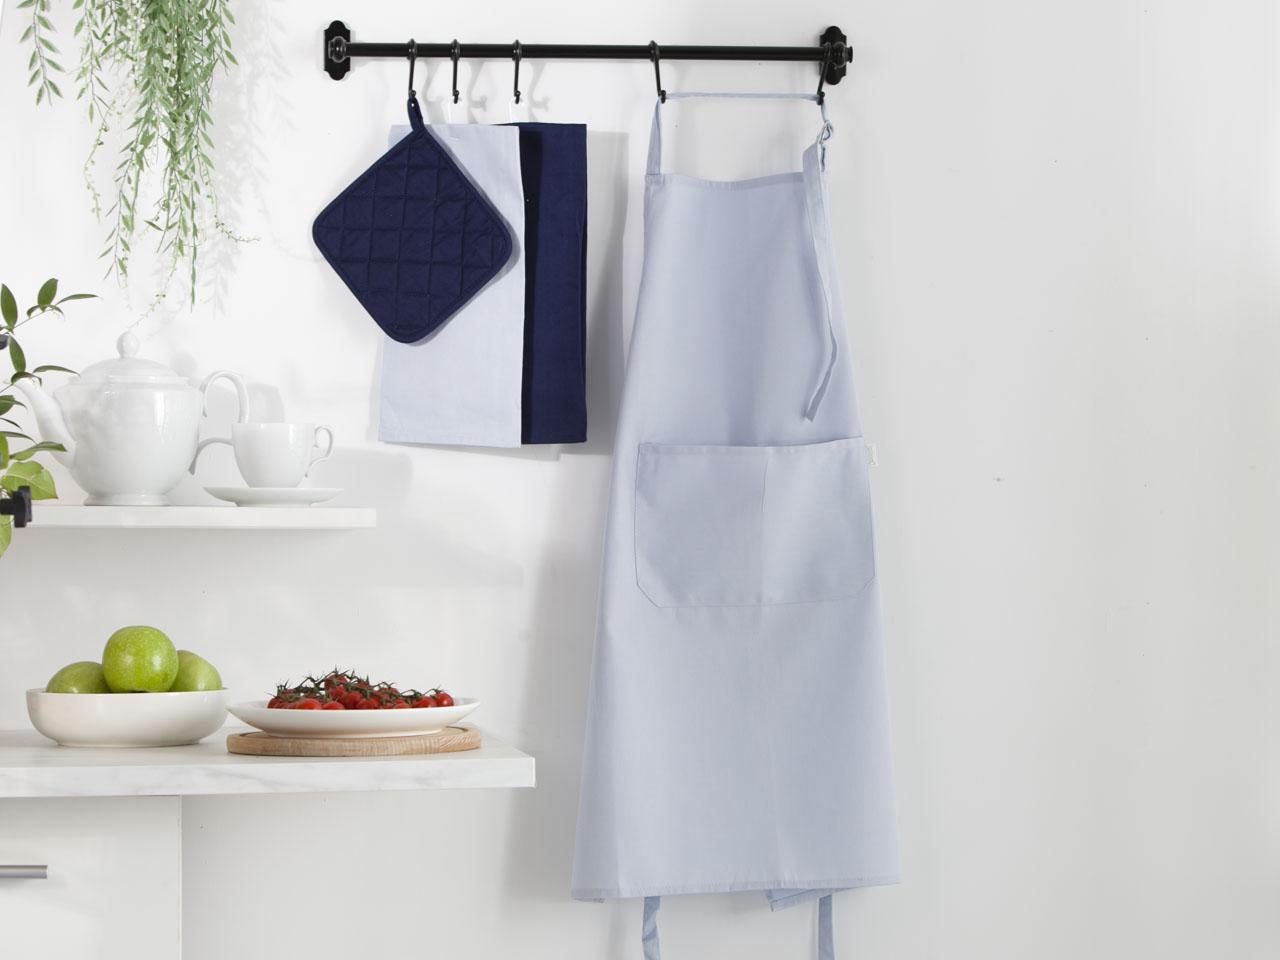 Fartuch kuchenny 100% bawełna Altom Design kolekcja Monokolor błękitny 70x80 cm